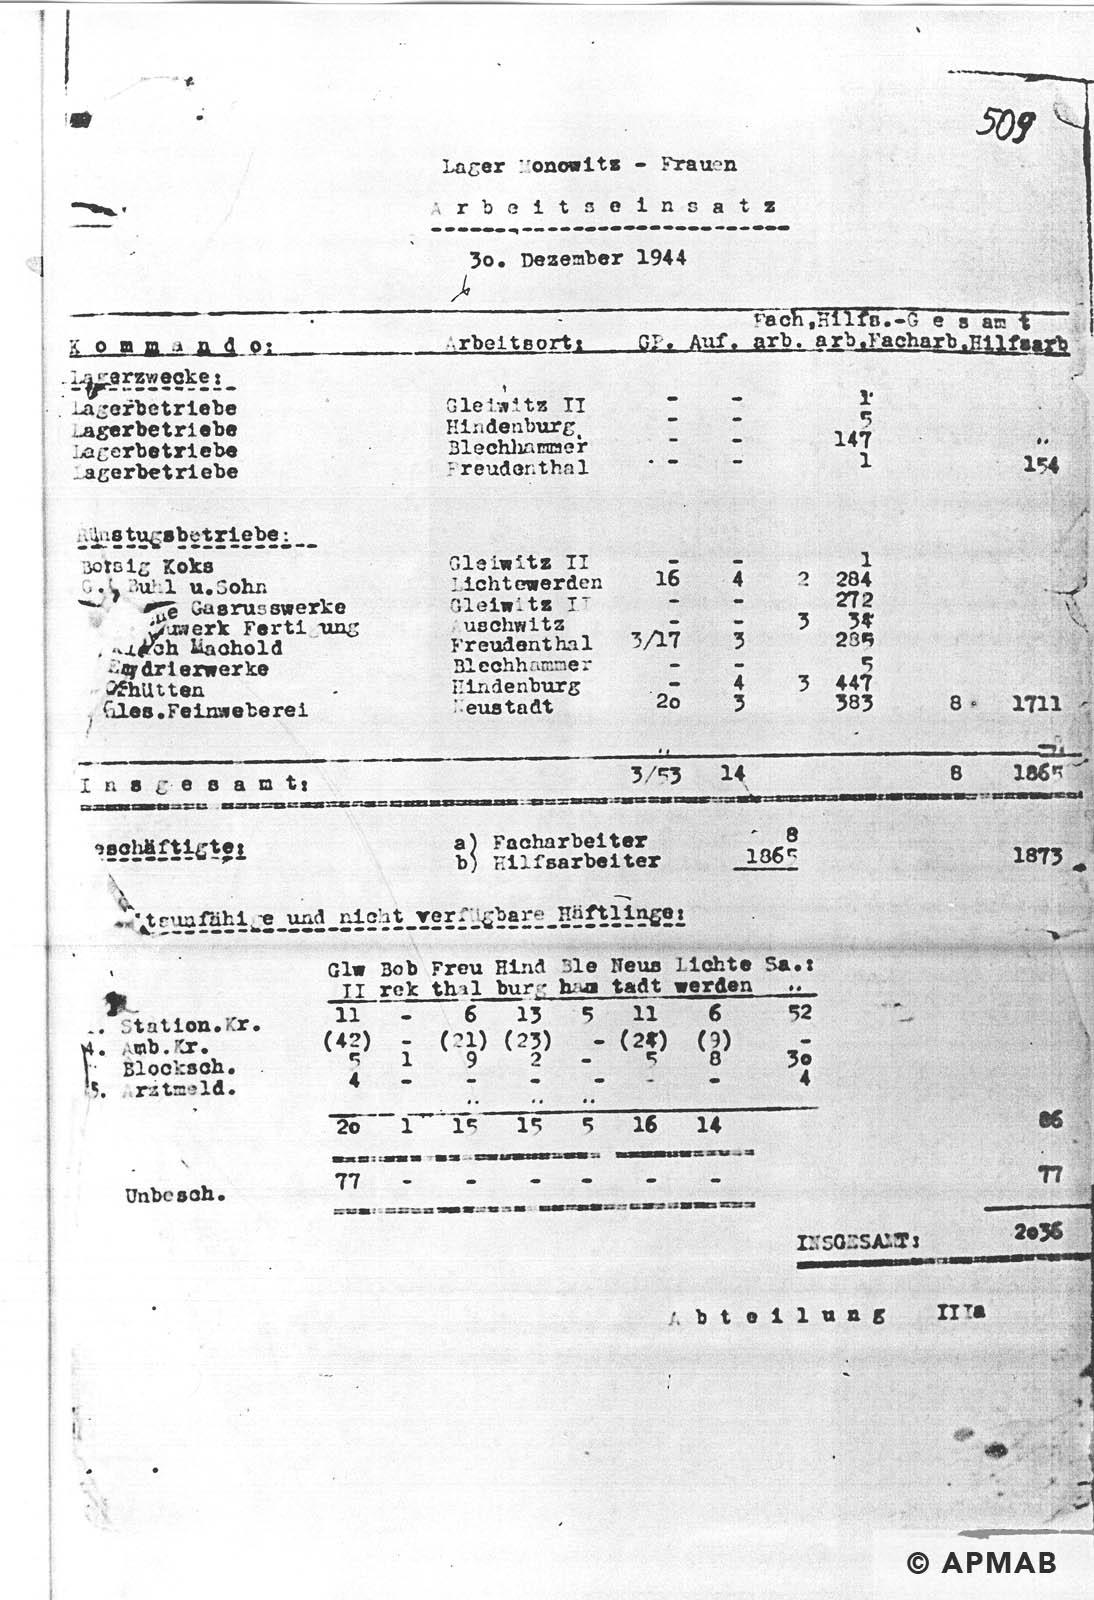 Female prisoner numbers APMAB NR INW. 30453